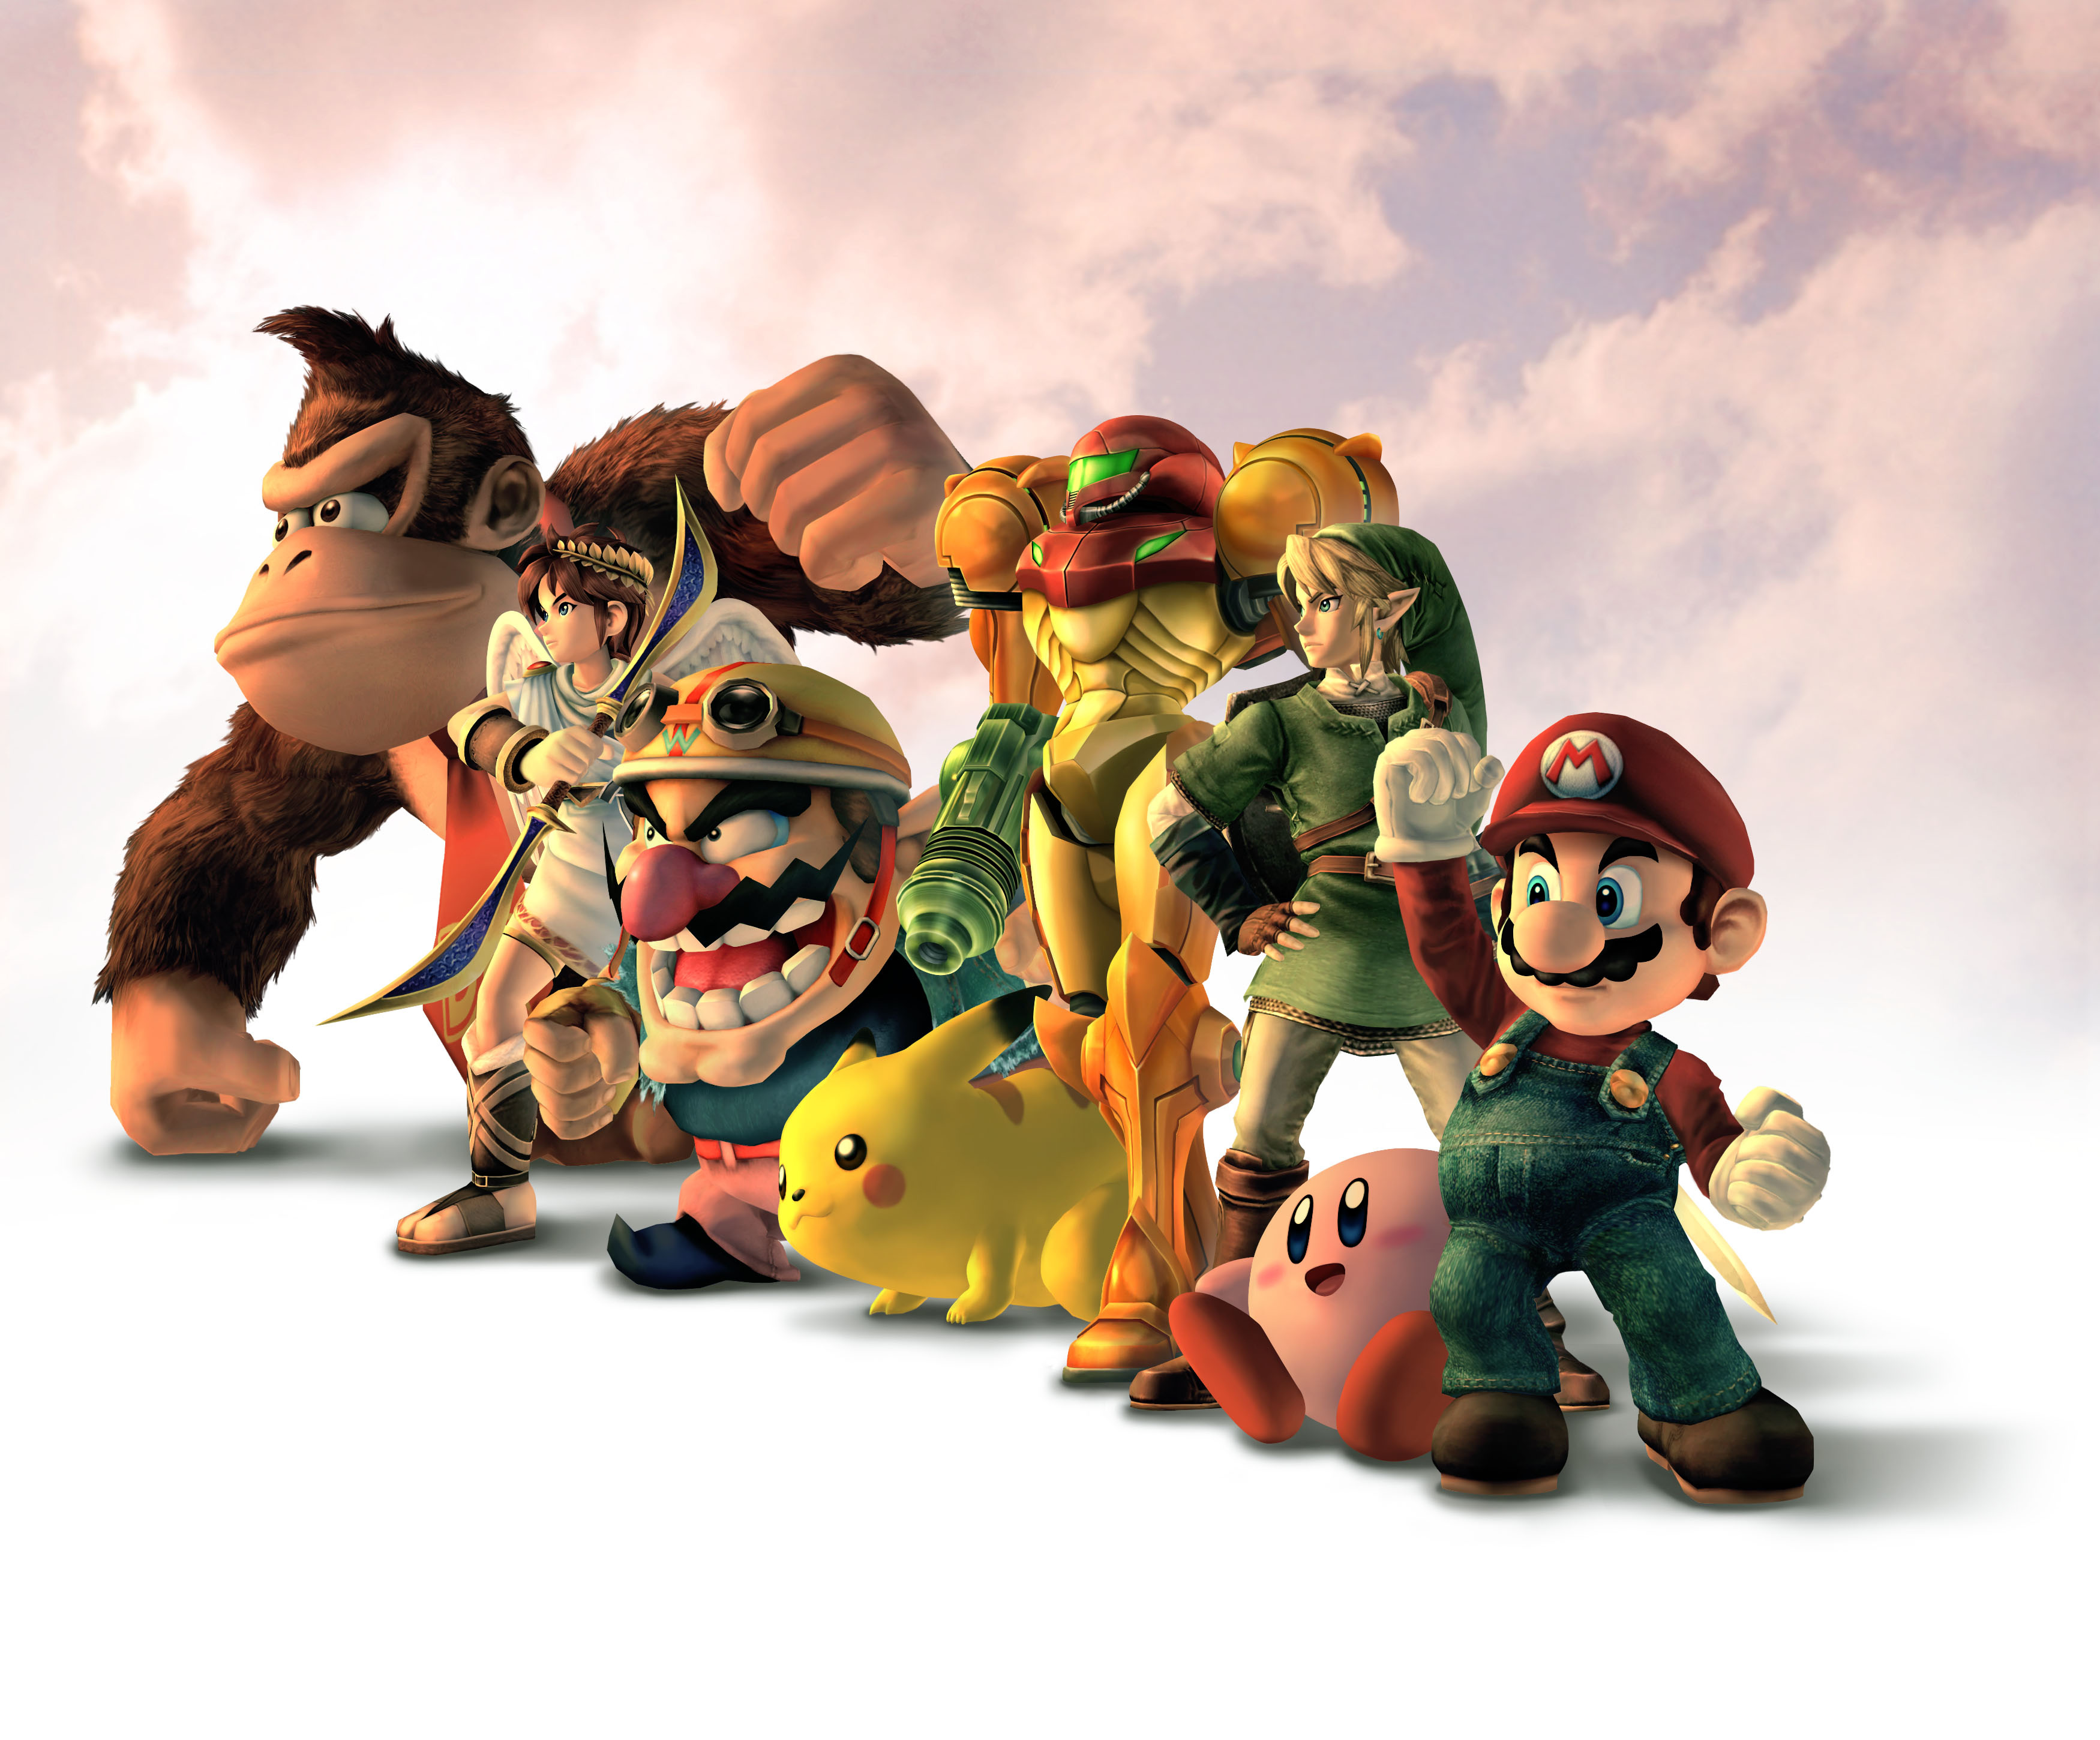 Video Game - Super Smash Bros.  Donkey Kong Wario Pikachu Kirby Mario Link Samus Aran Wallpaper